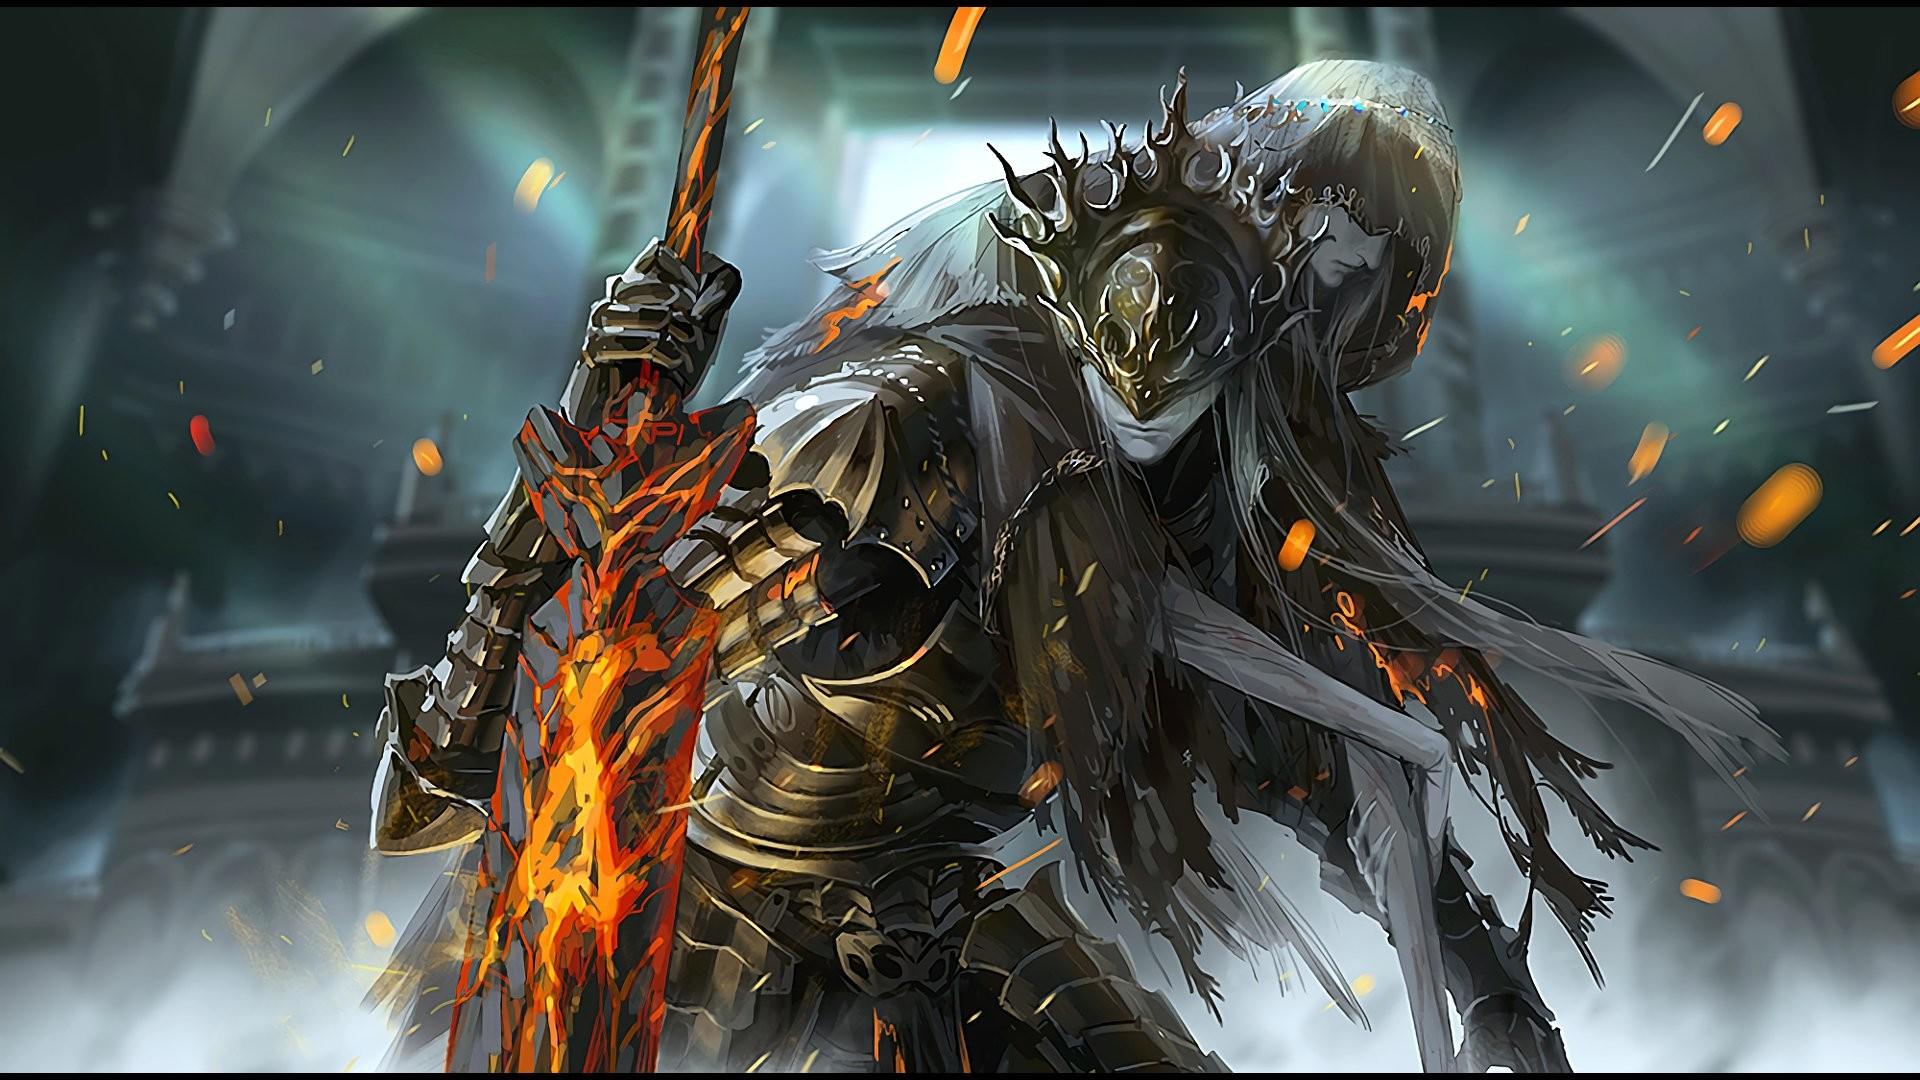 Dark Souls Wallpaper Full HDp